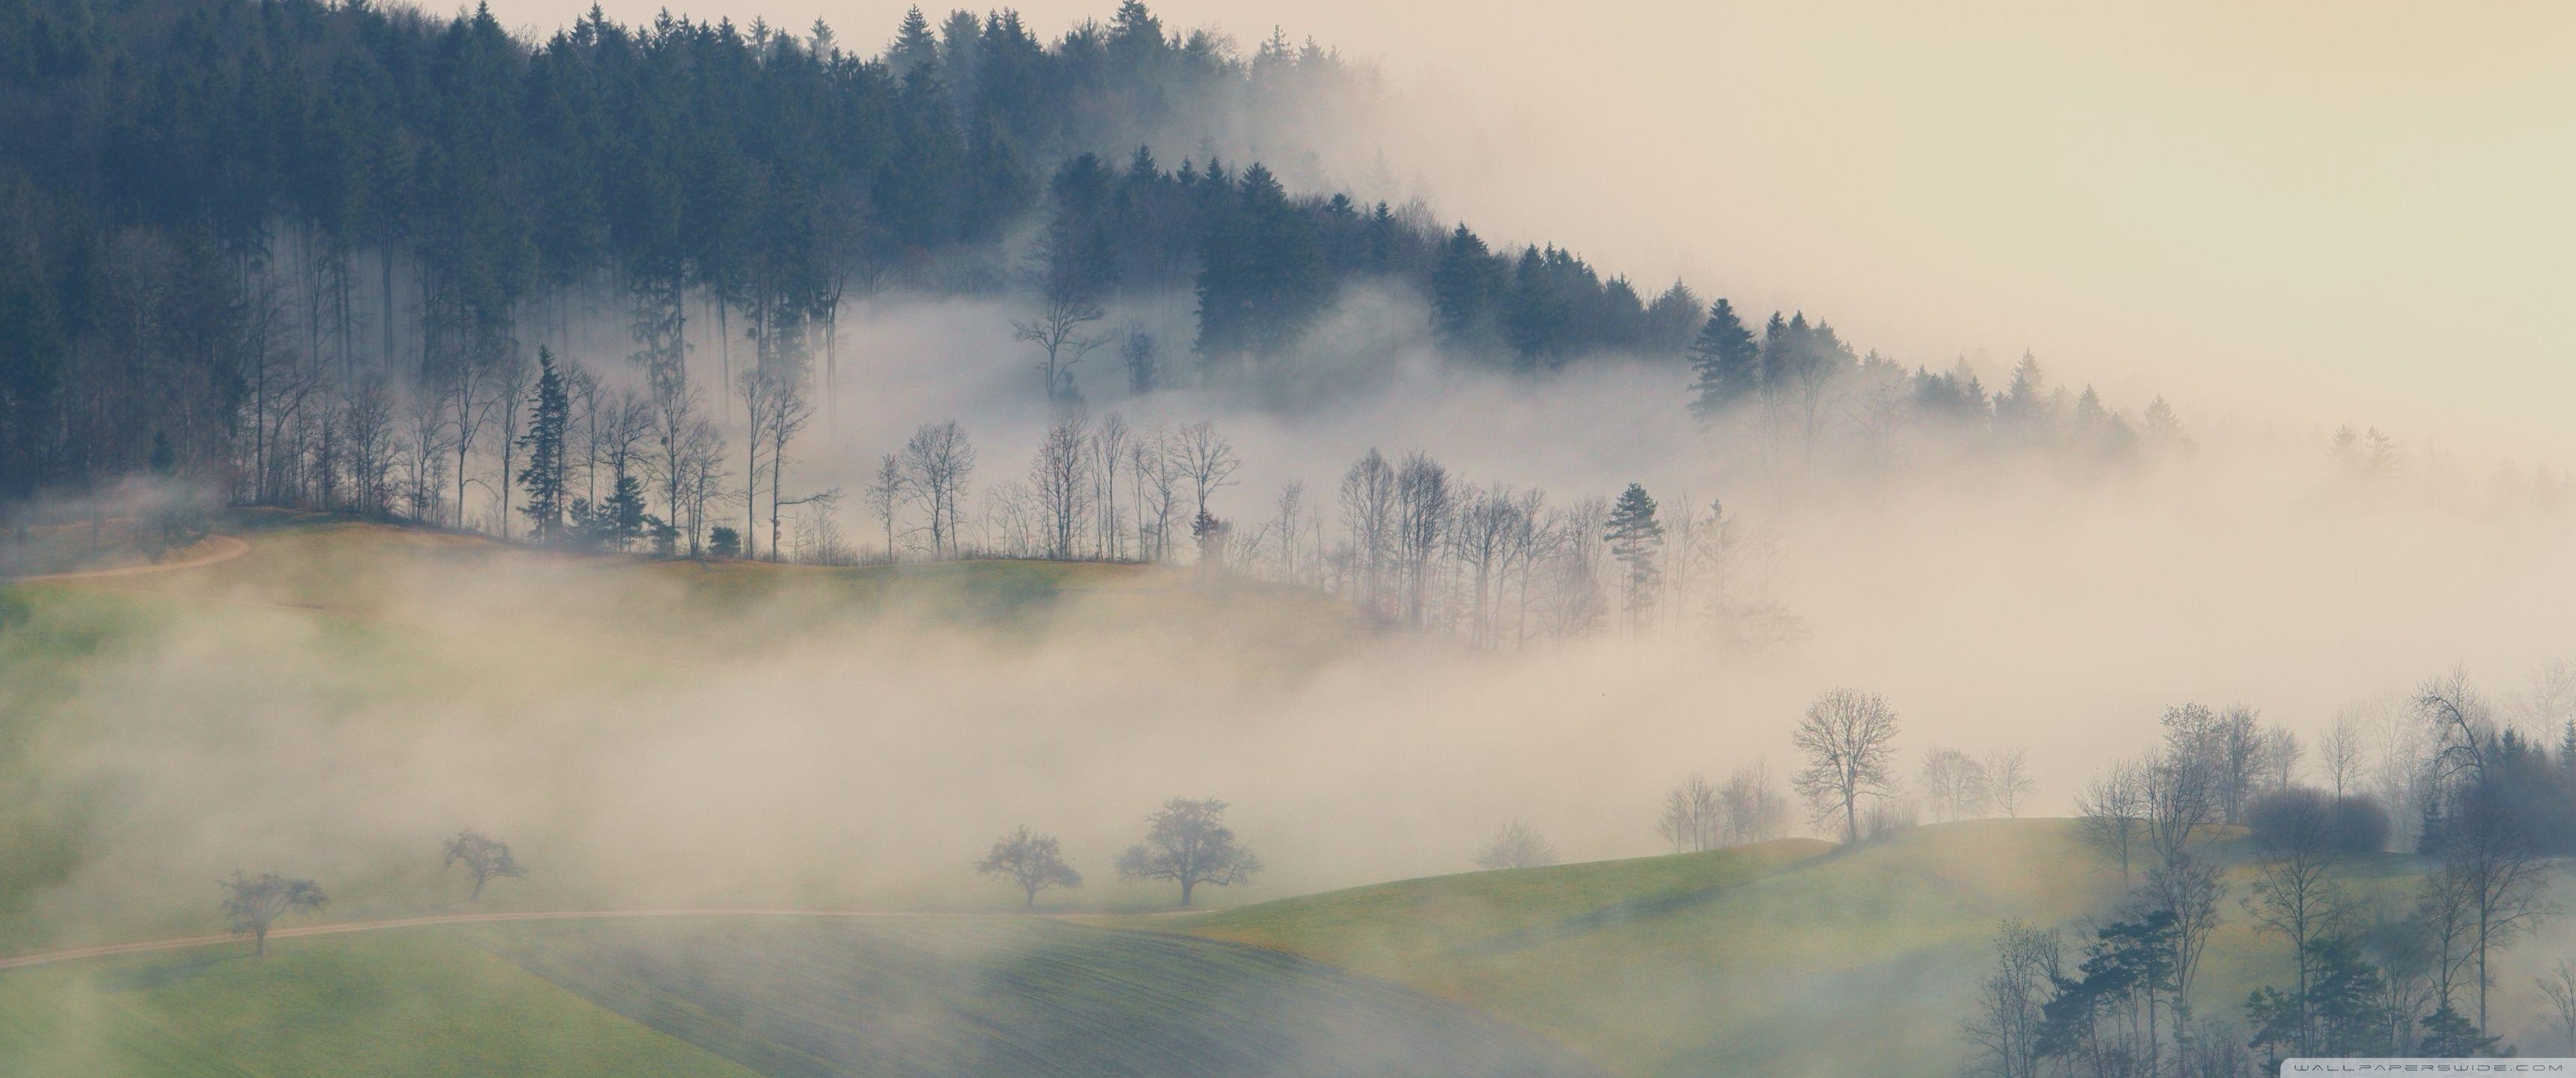 Misty Deer 4k Hd Desktop Wallpaper For 4k Ultra Hd Tv: Top Free Fog Backgrounds